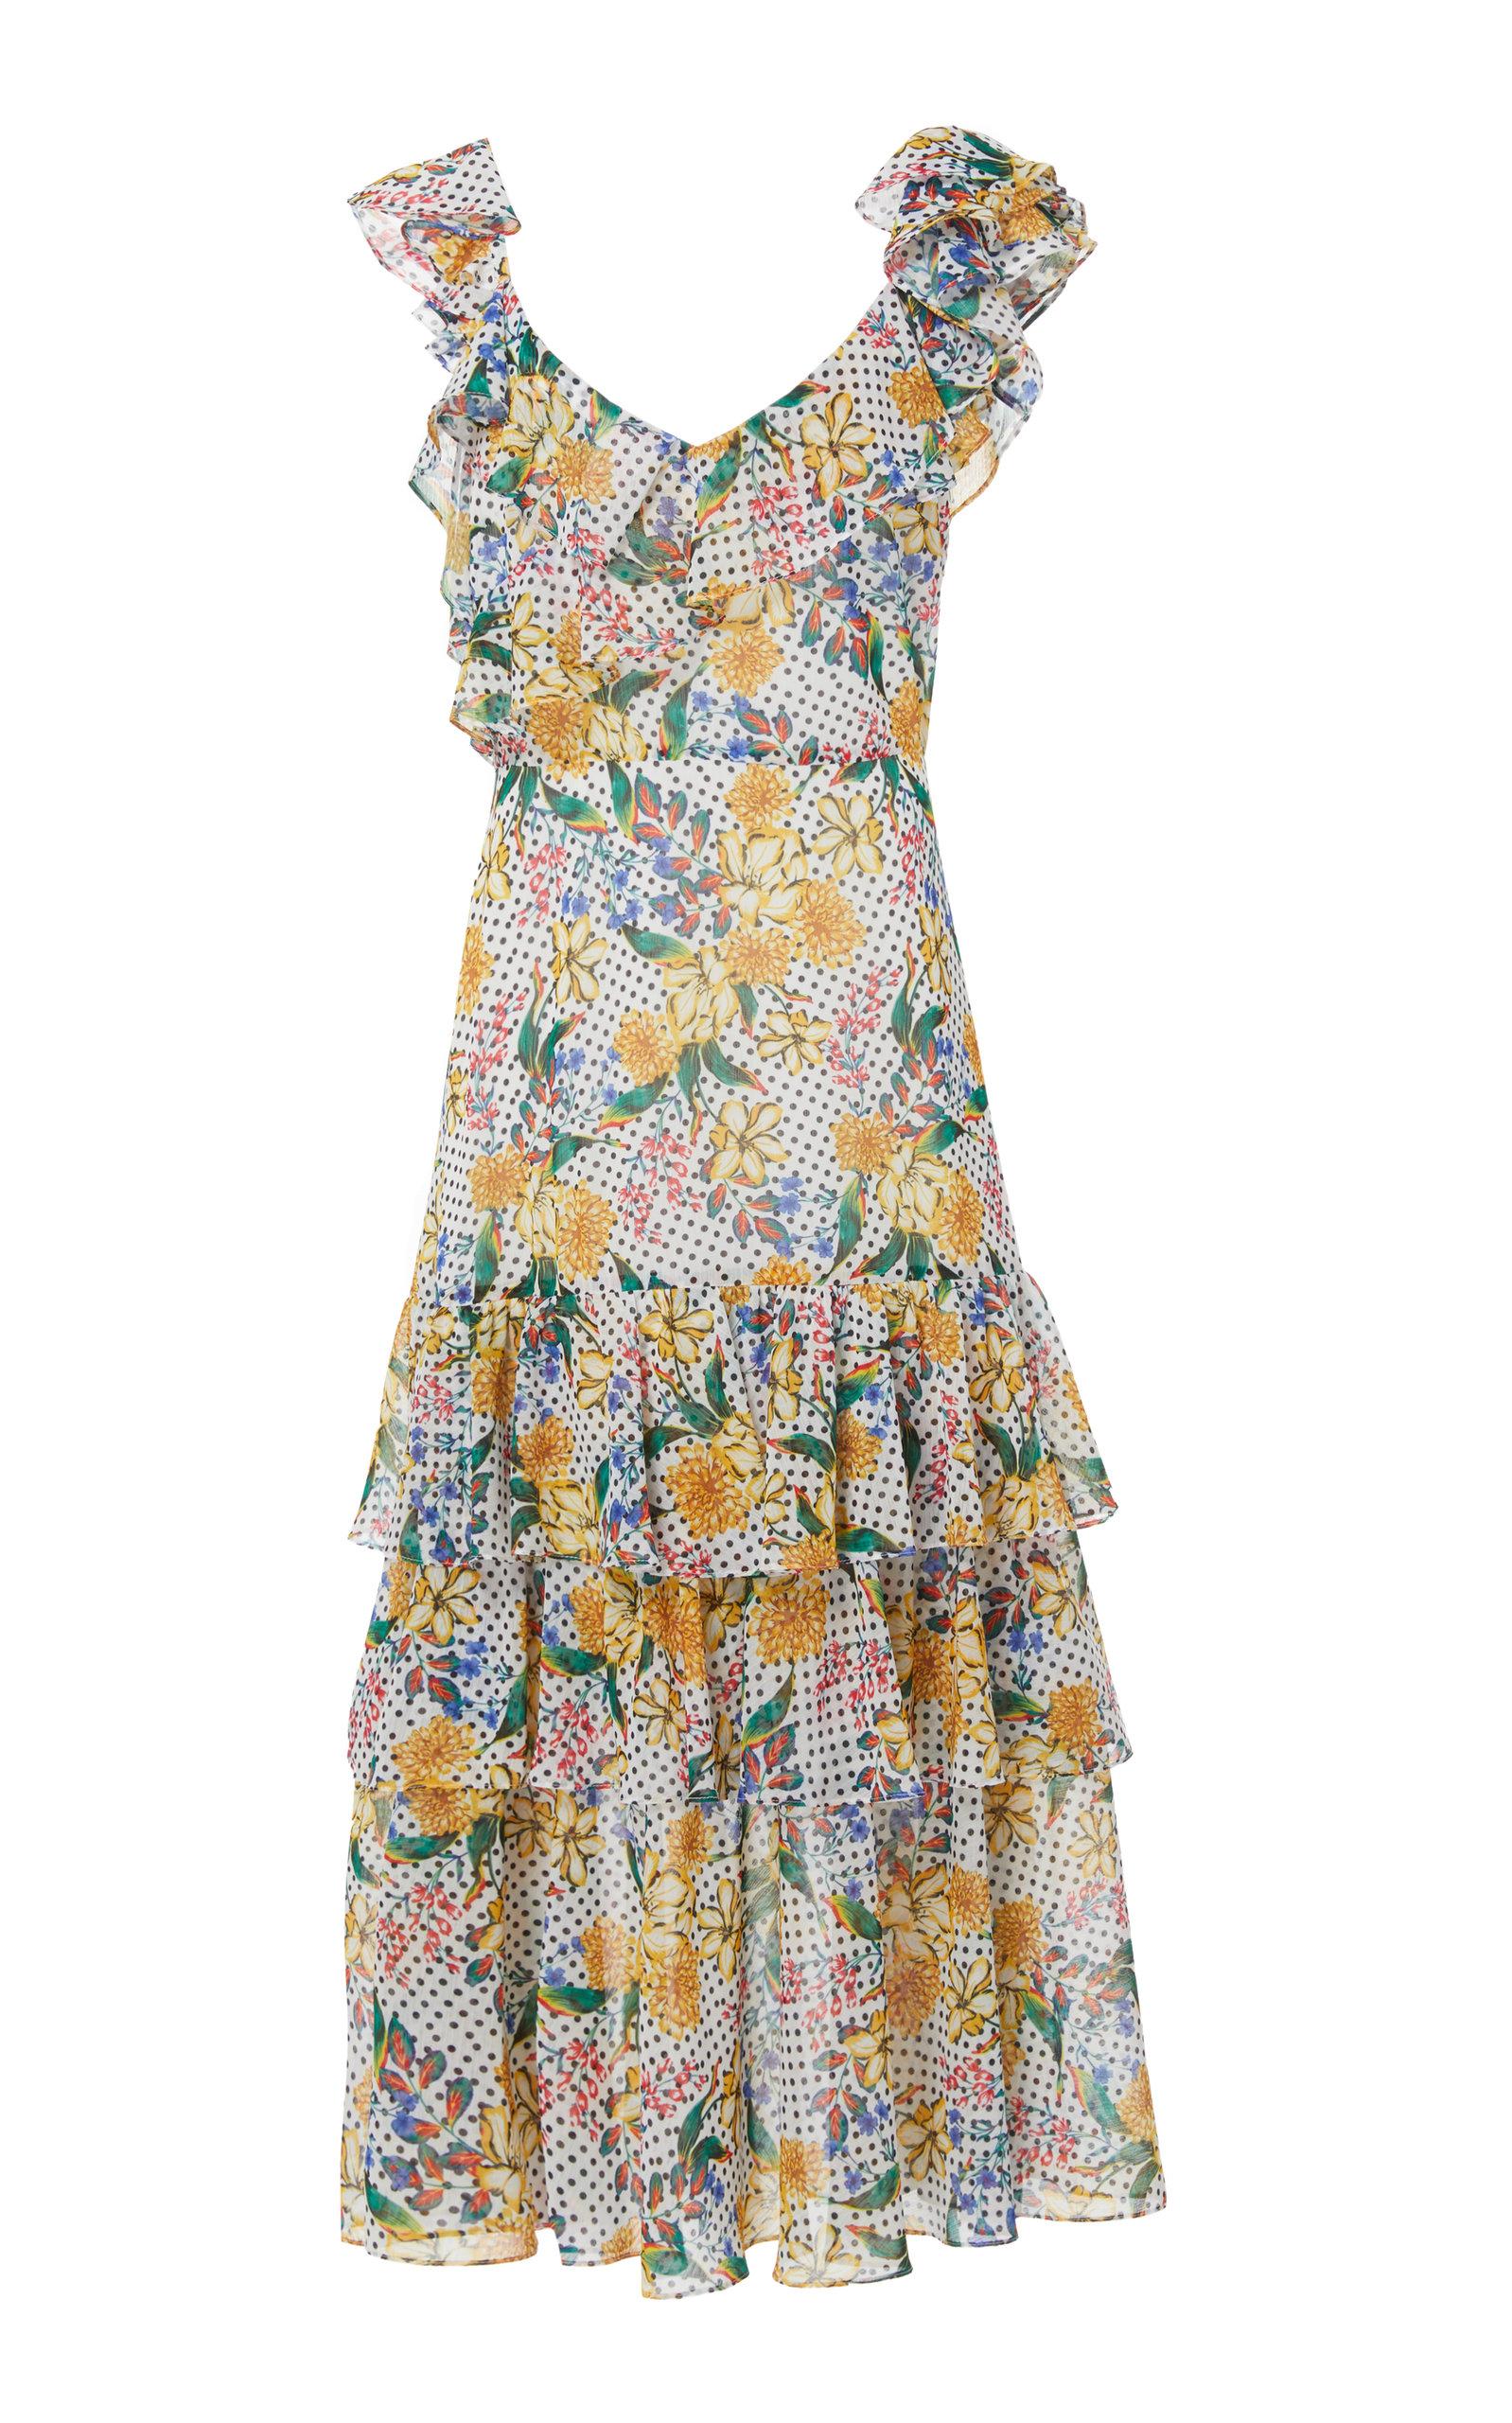 Lisandra Print Dress Marissa Webb 9MW8fiTE1